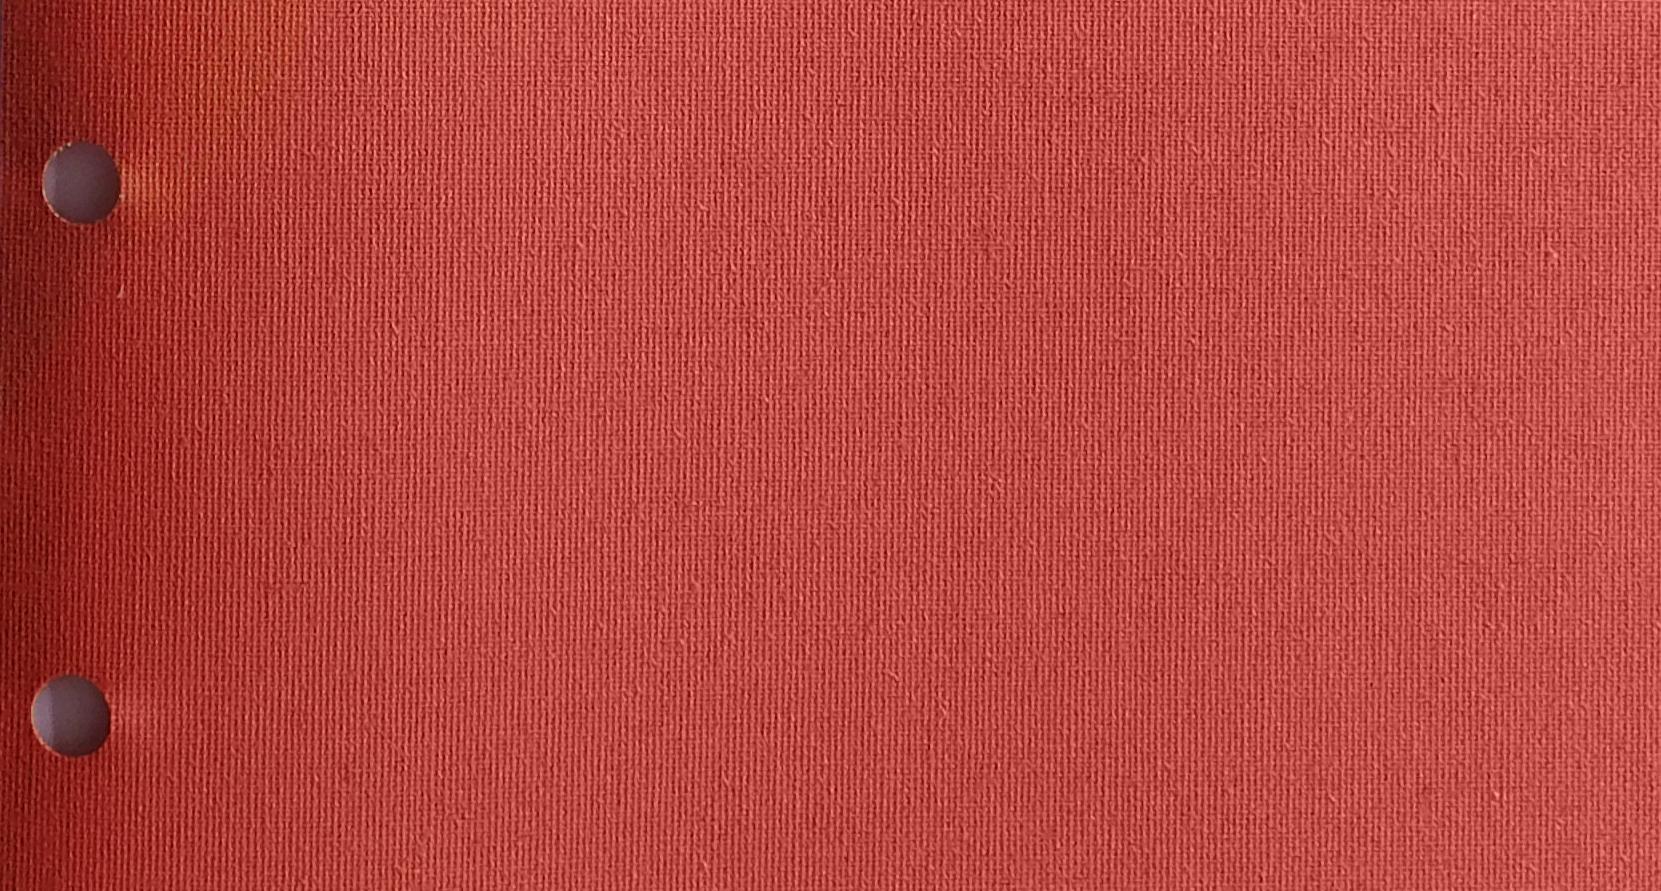 Polaris Terracotta blind fabric